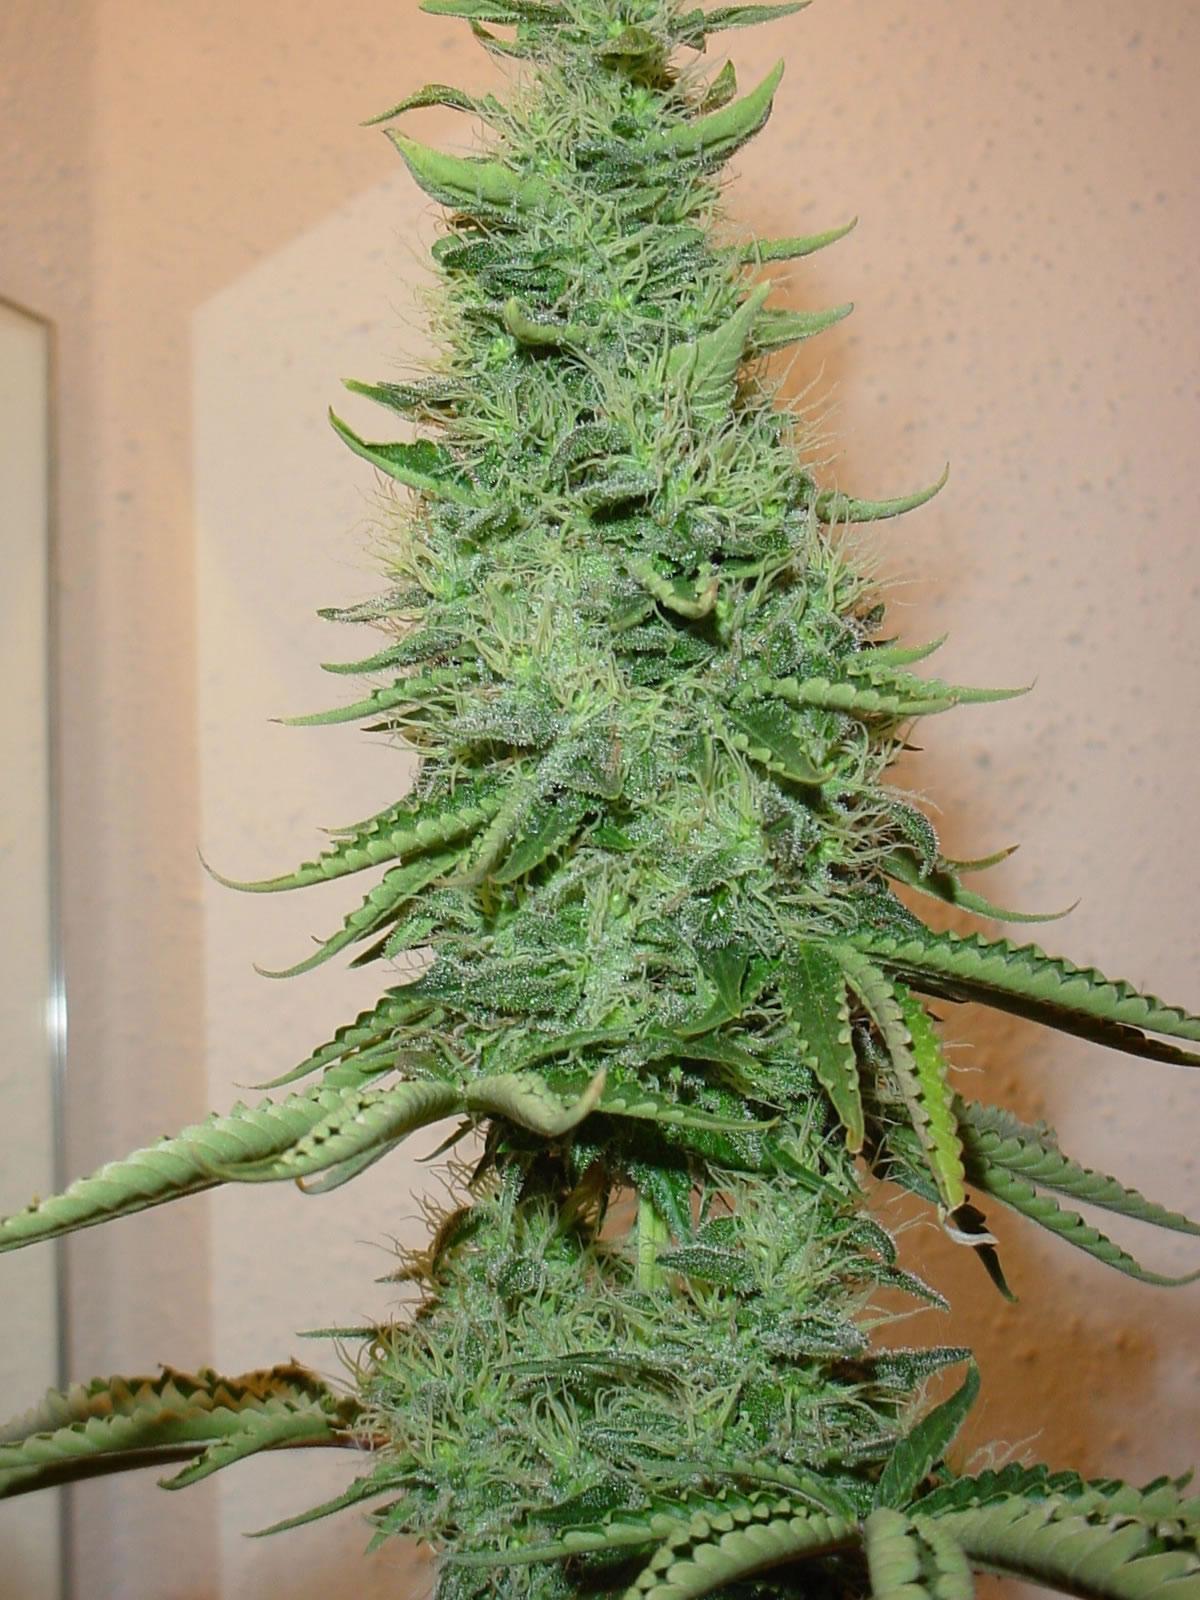 http://2.bp.blogspot.com/_Ykpc6yB8JCk/TG1OFI9mb3I/AAAAAAAAANQ/edk0lWkDX4E/s1600/big_bud_marijuana.jpg